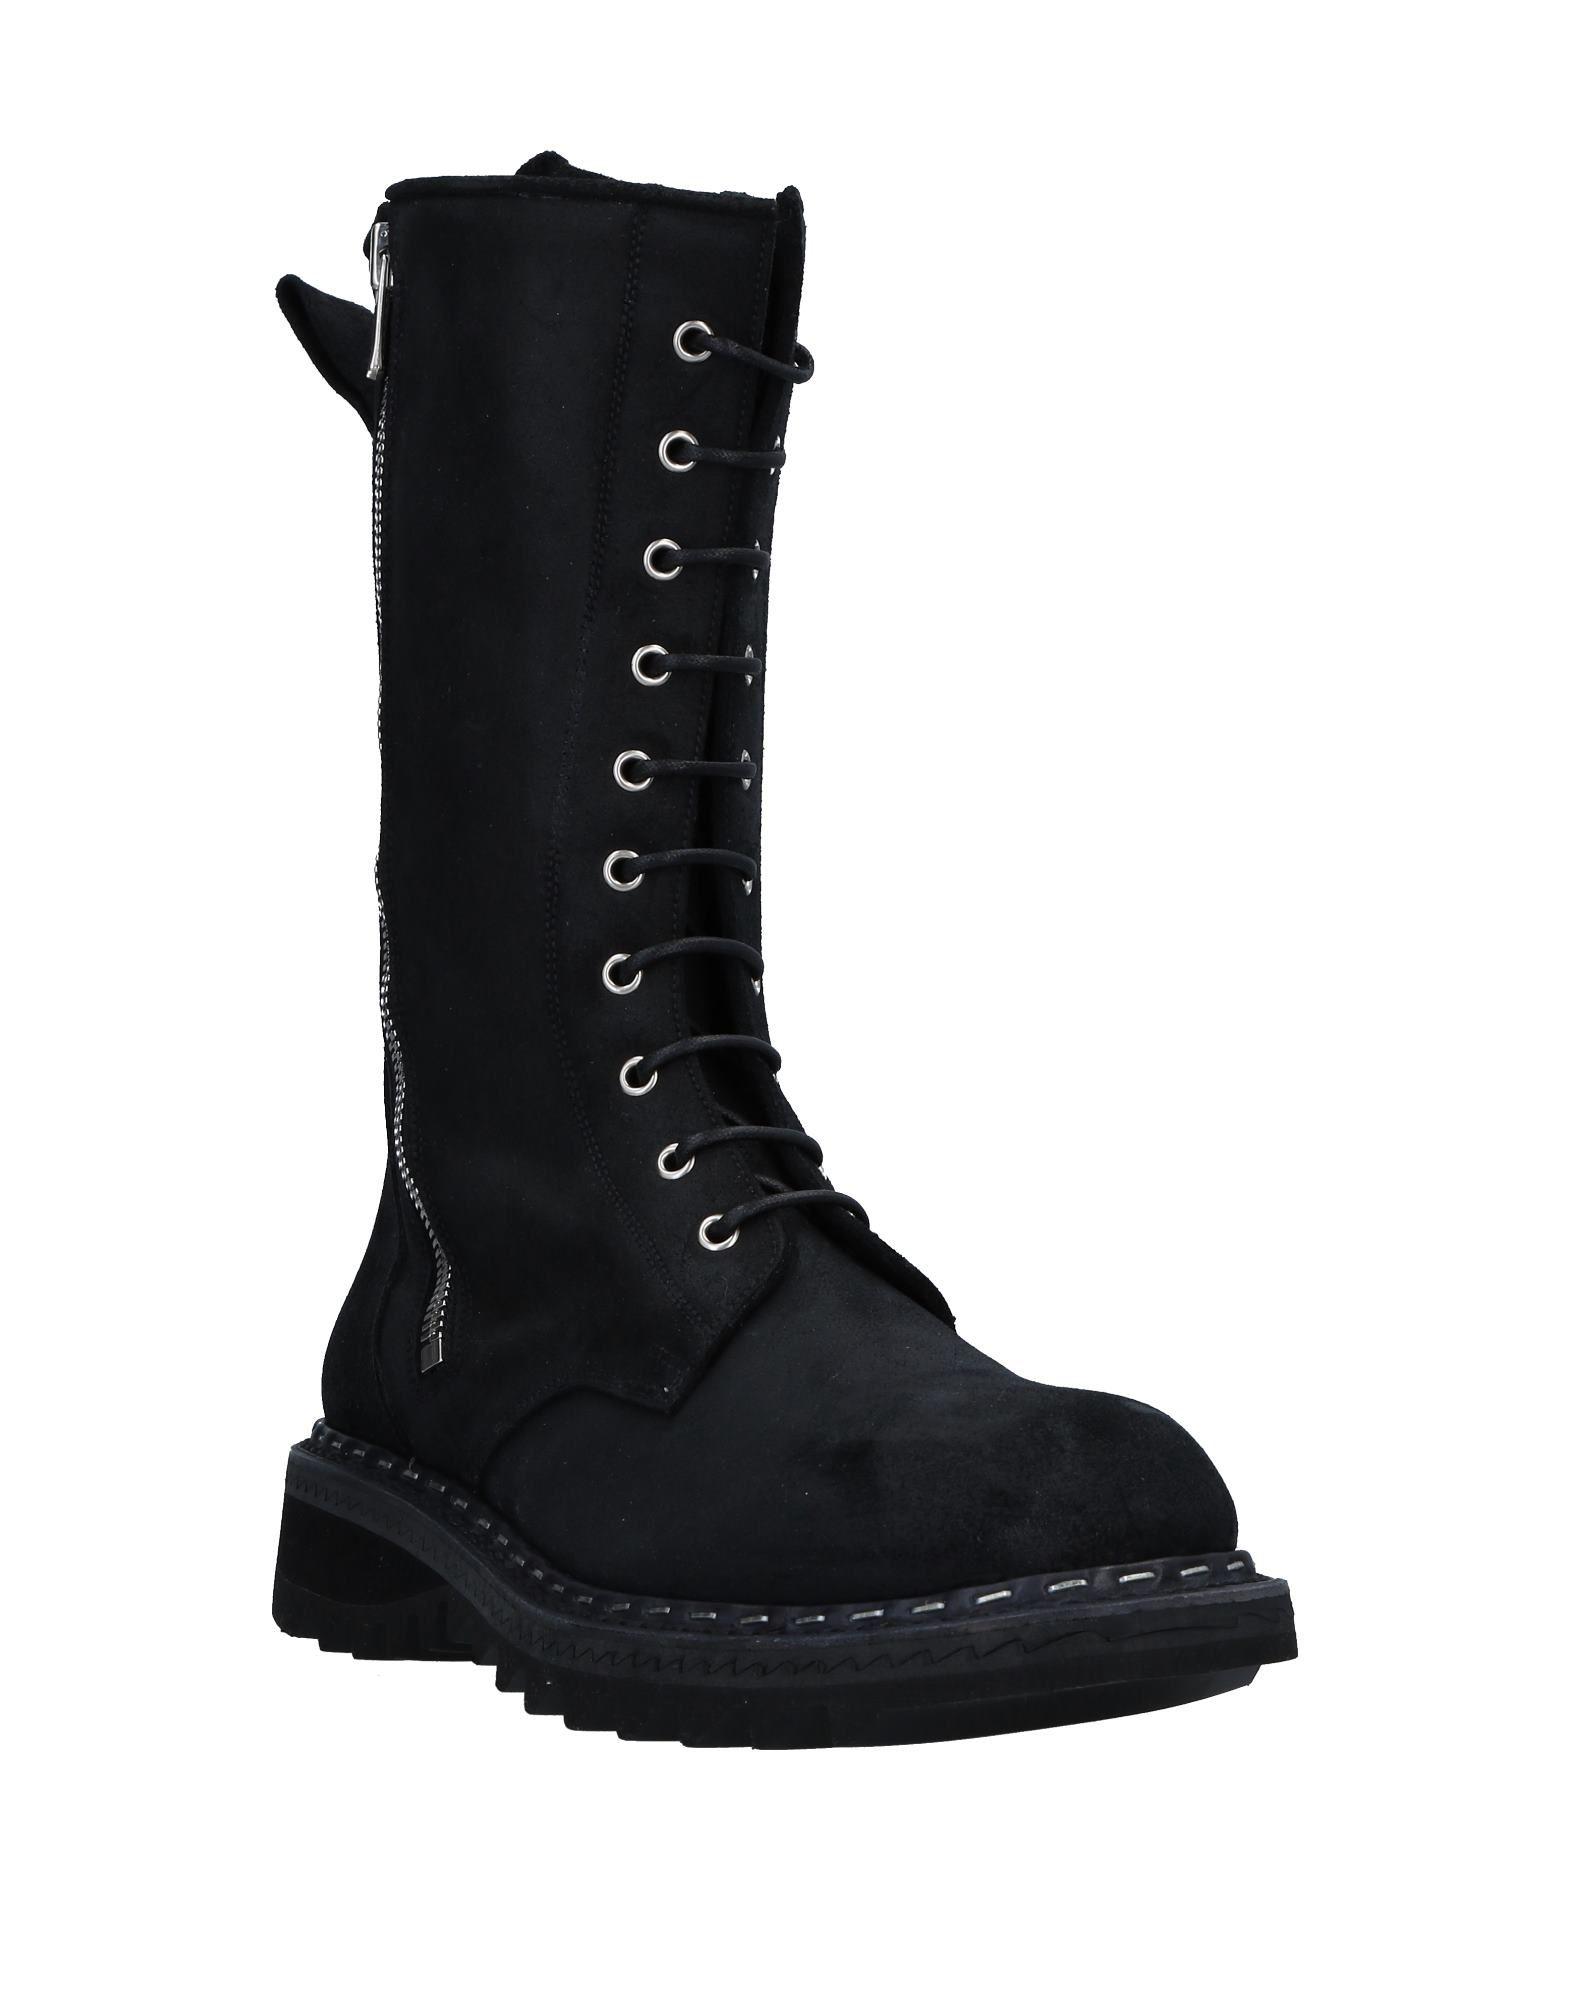 Premiata Stiefelette Herren  Schuhe 11530669WF Gute Qualität beliebte Schuhe  c7c76b